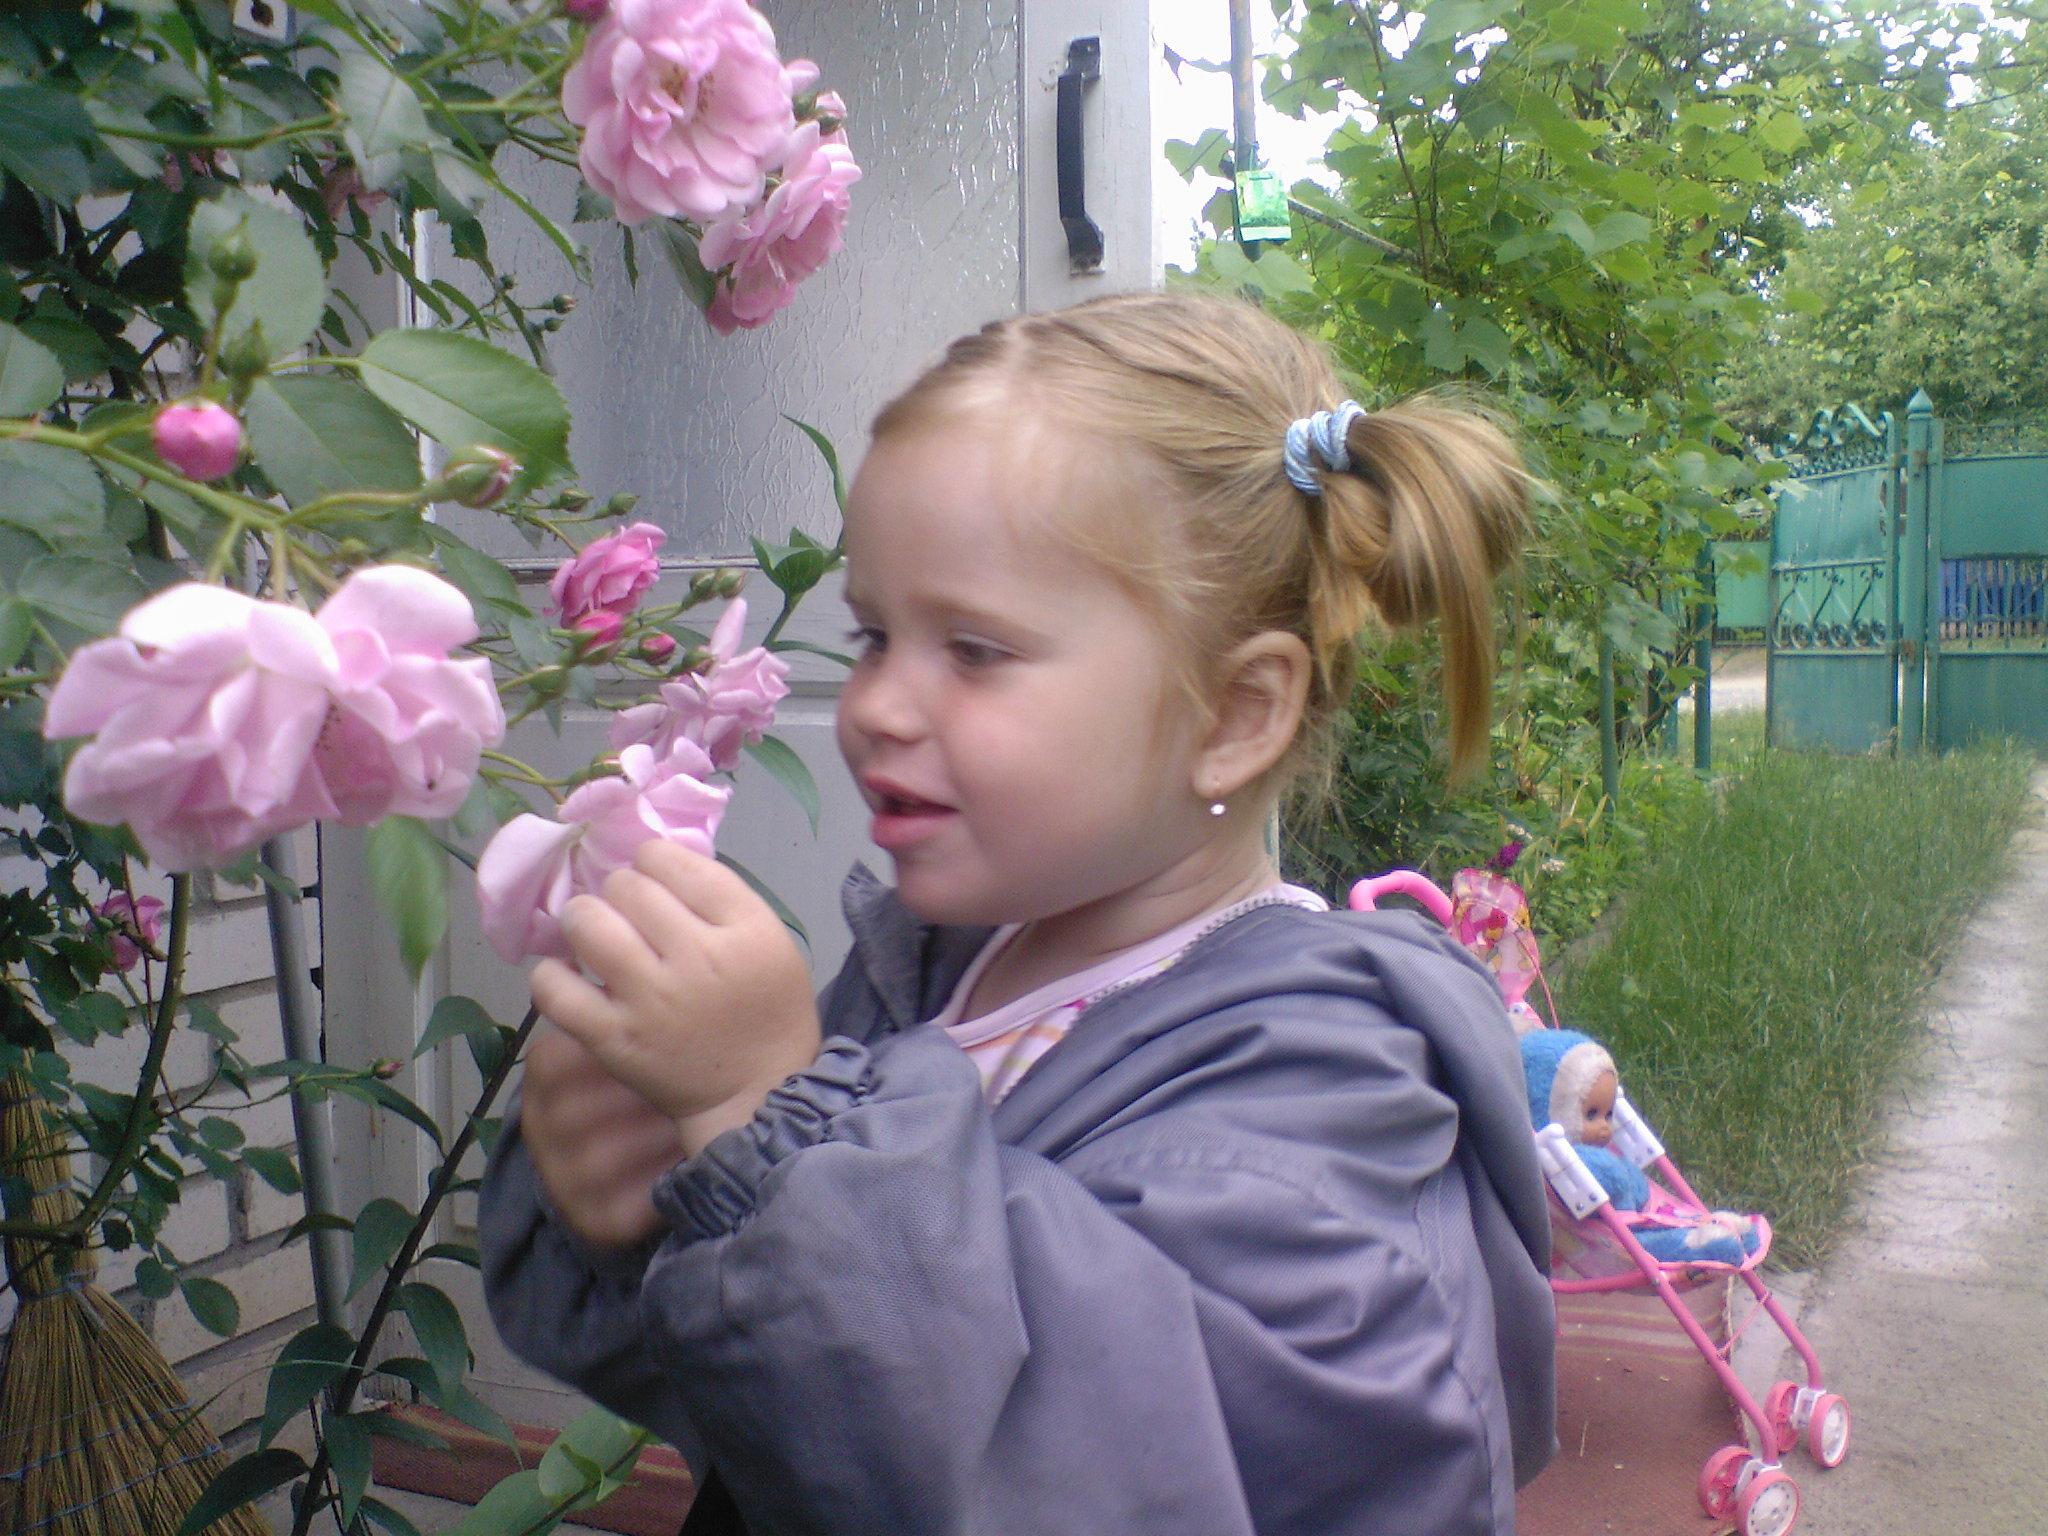 у бабушки в розовом саду. Цветочное настроение